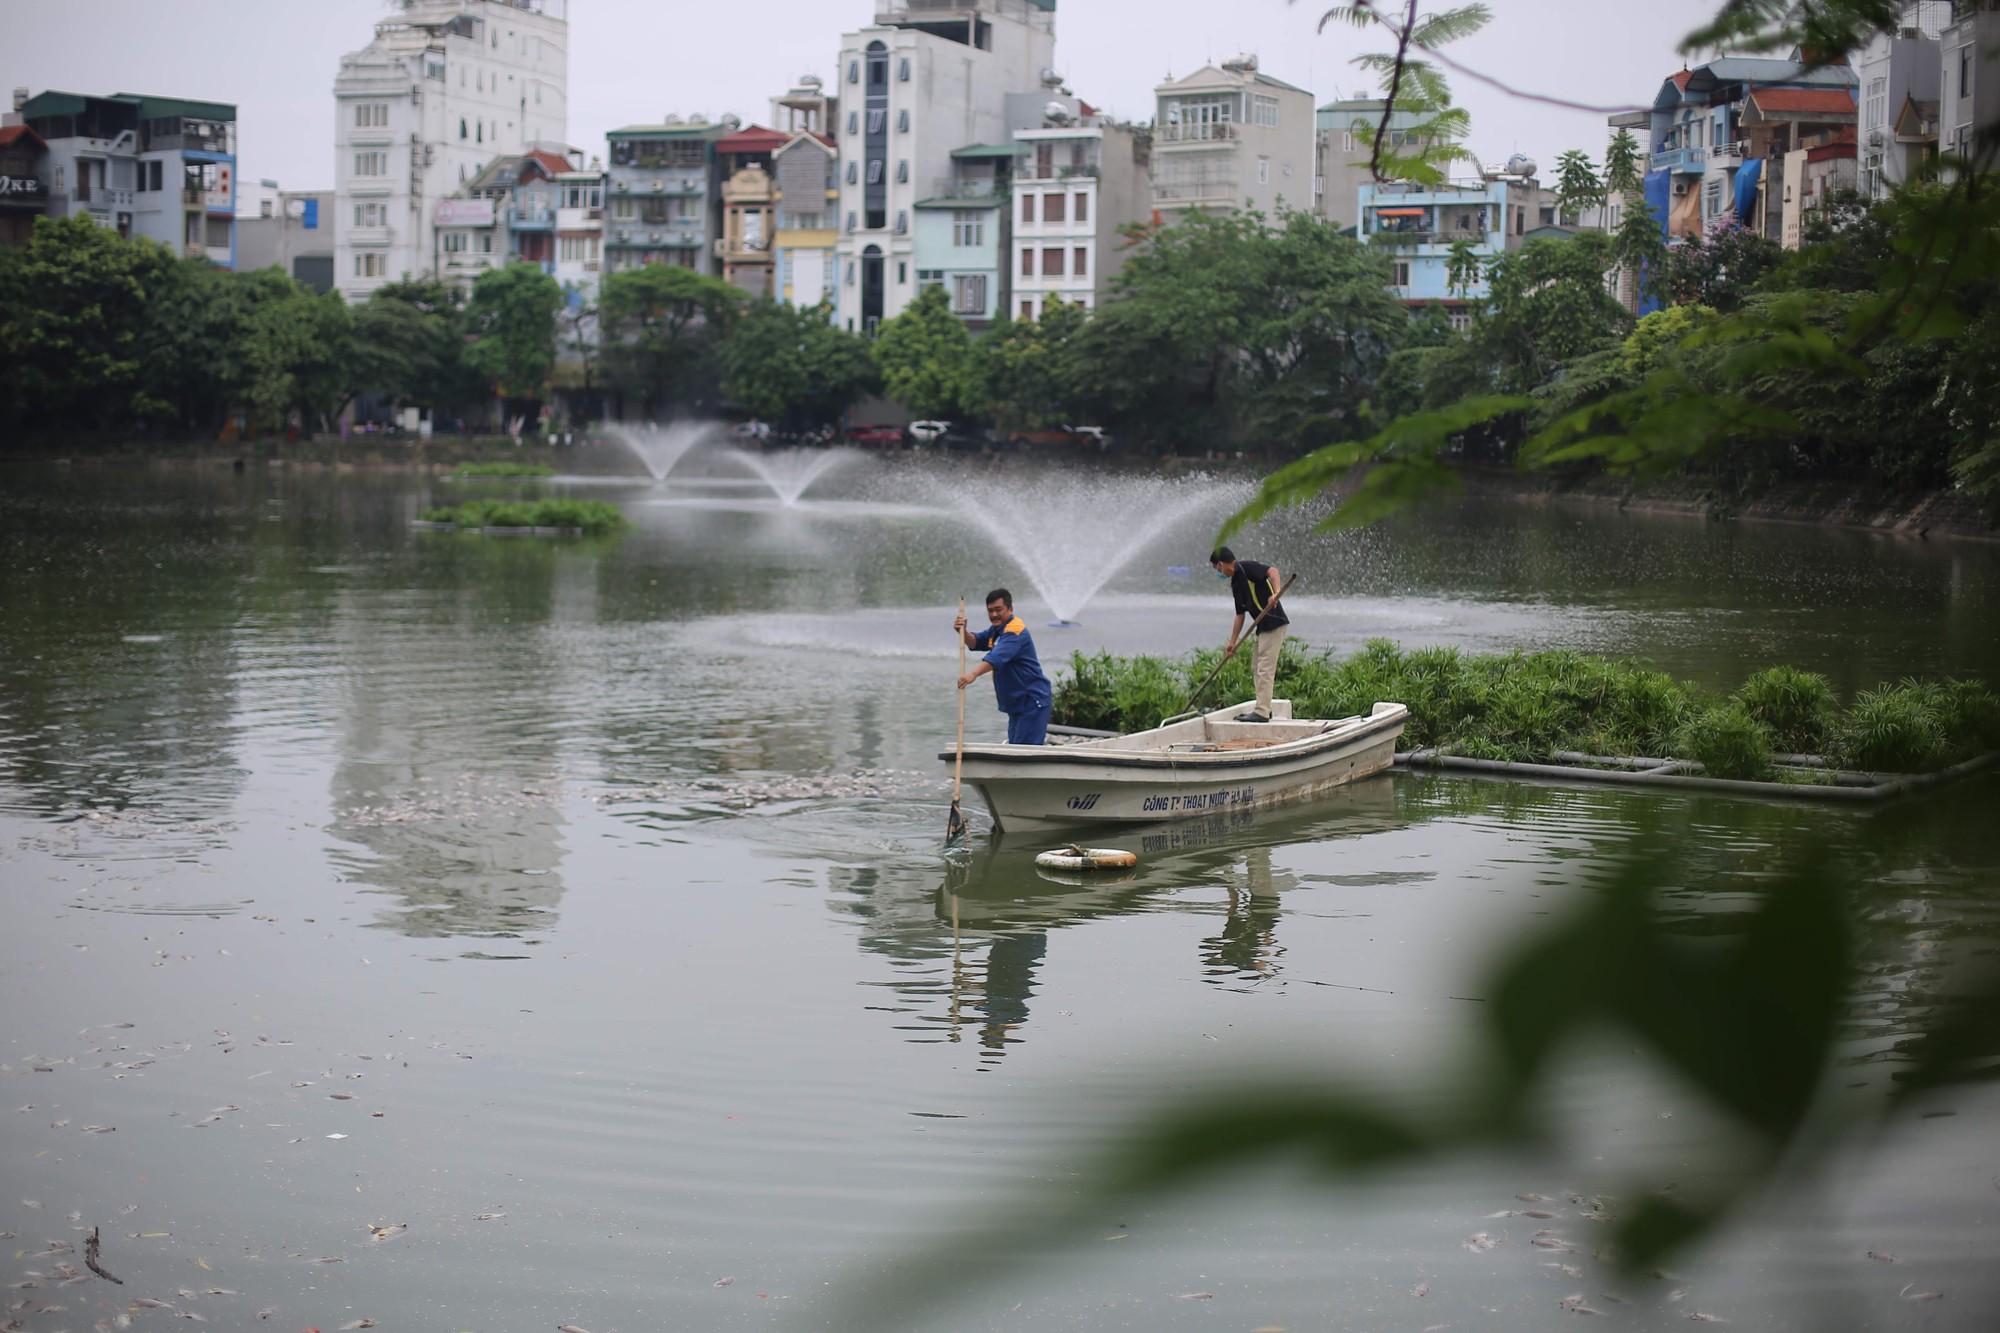 Hà Nội: Cá chết ở hồ Văn Chương khiến cư dân quanh hồ không dám thở - Ảnh 2.